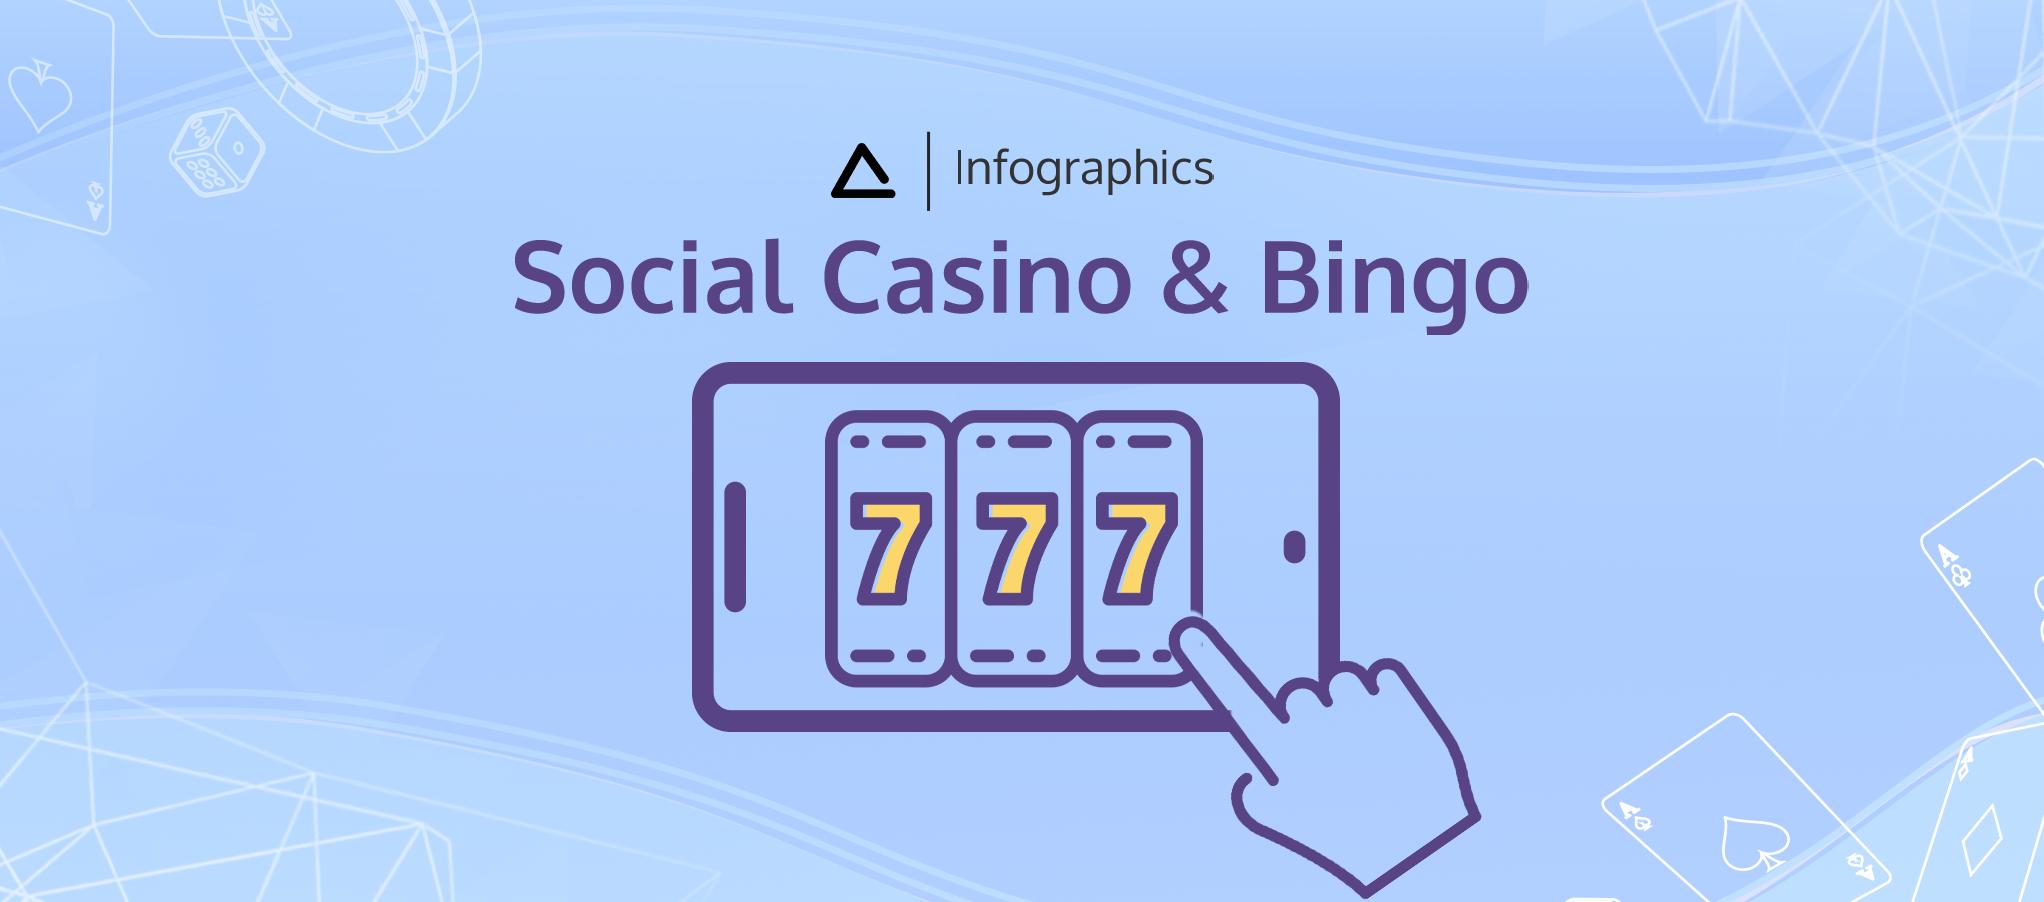 Social Casino & Bingo ad, sketched